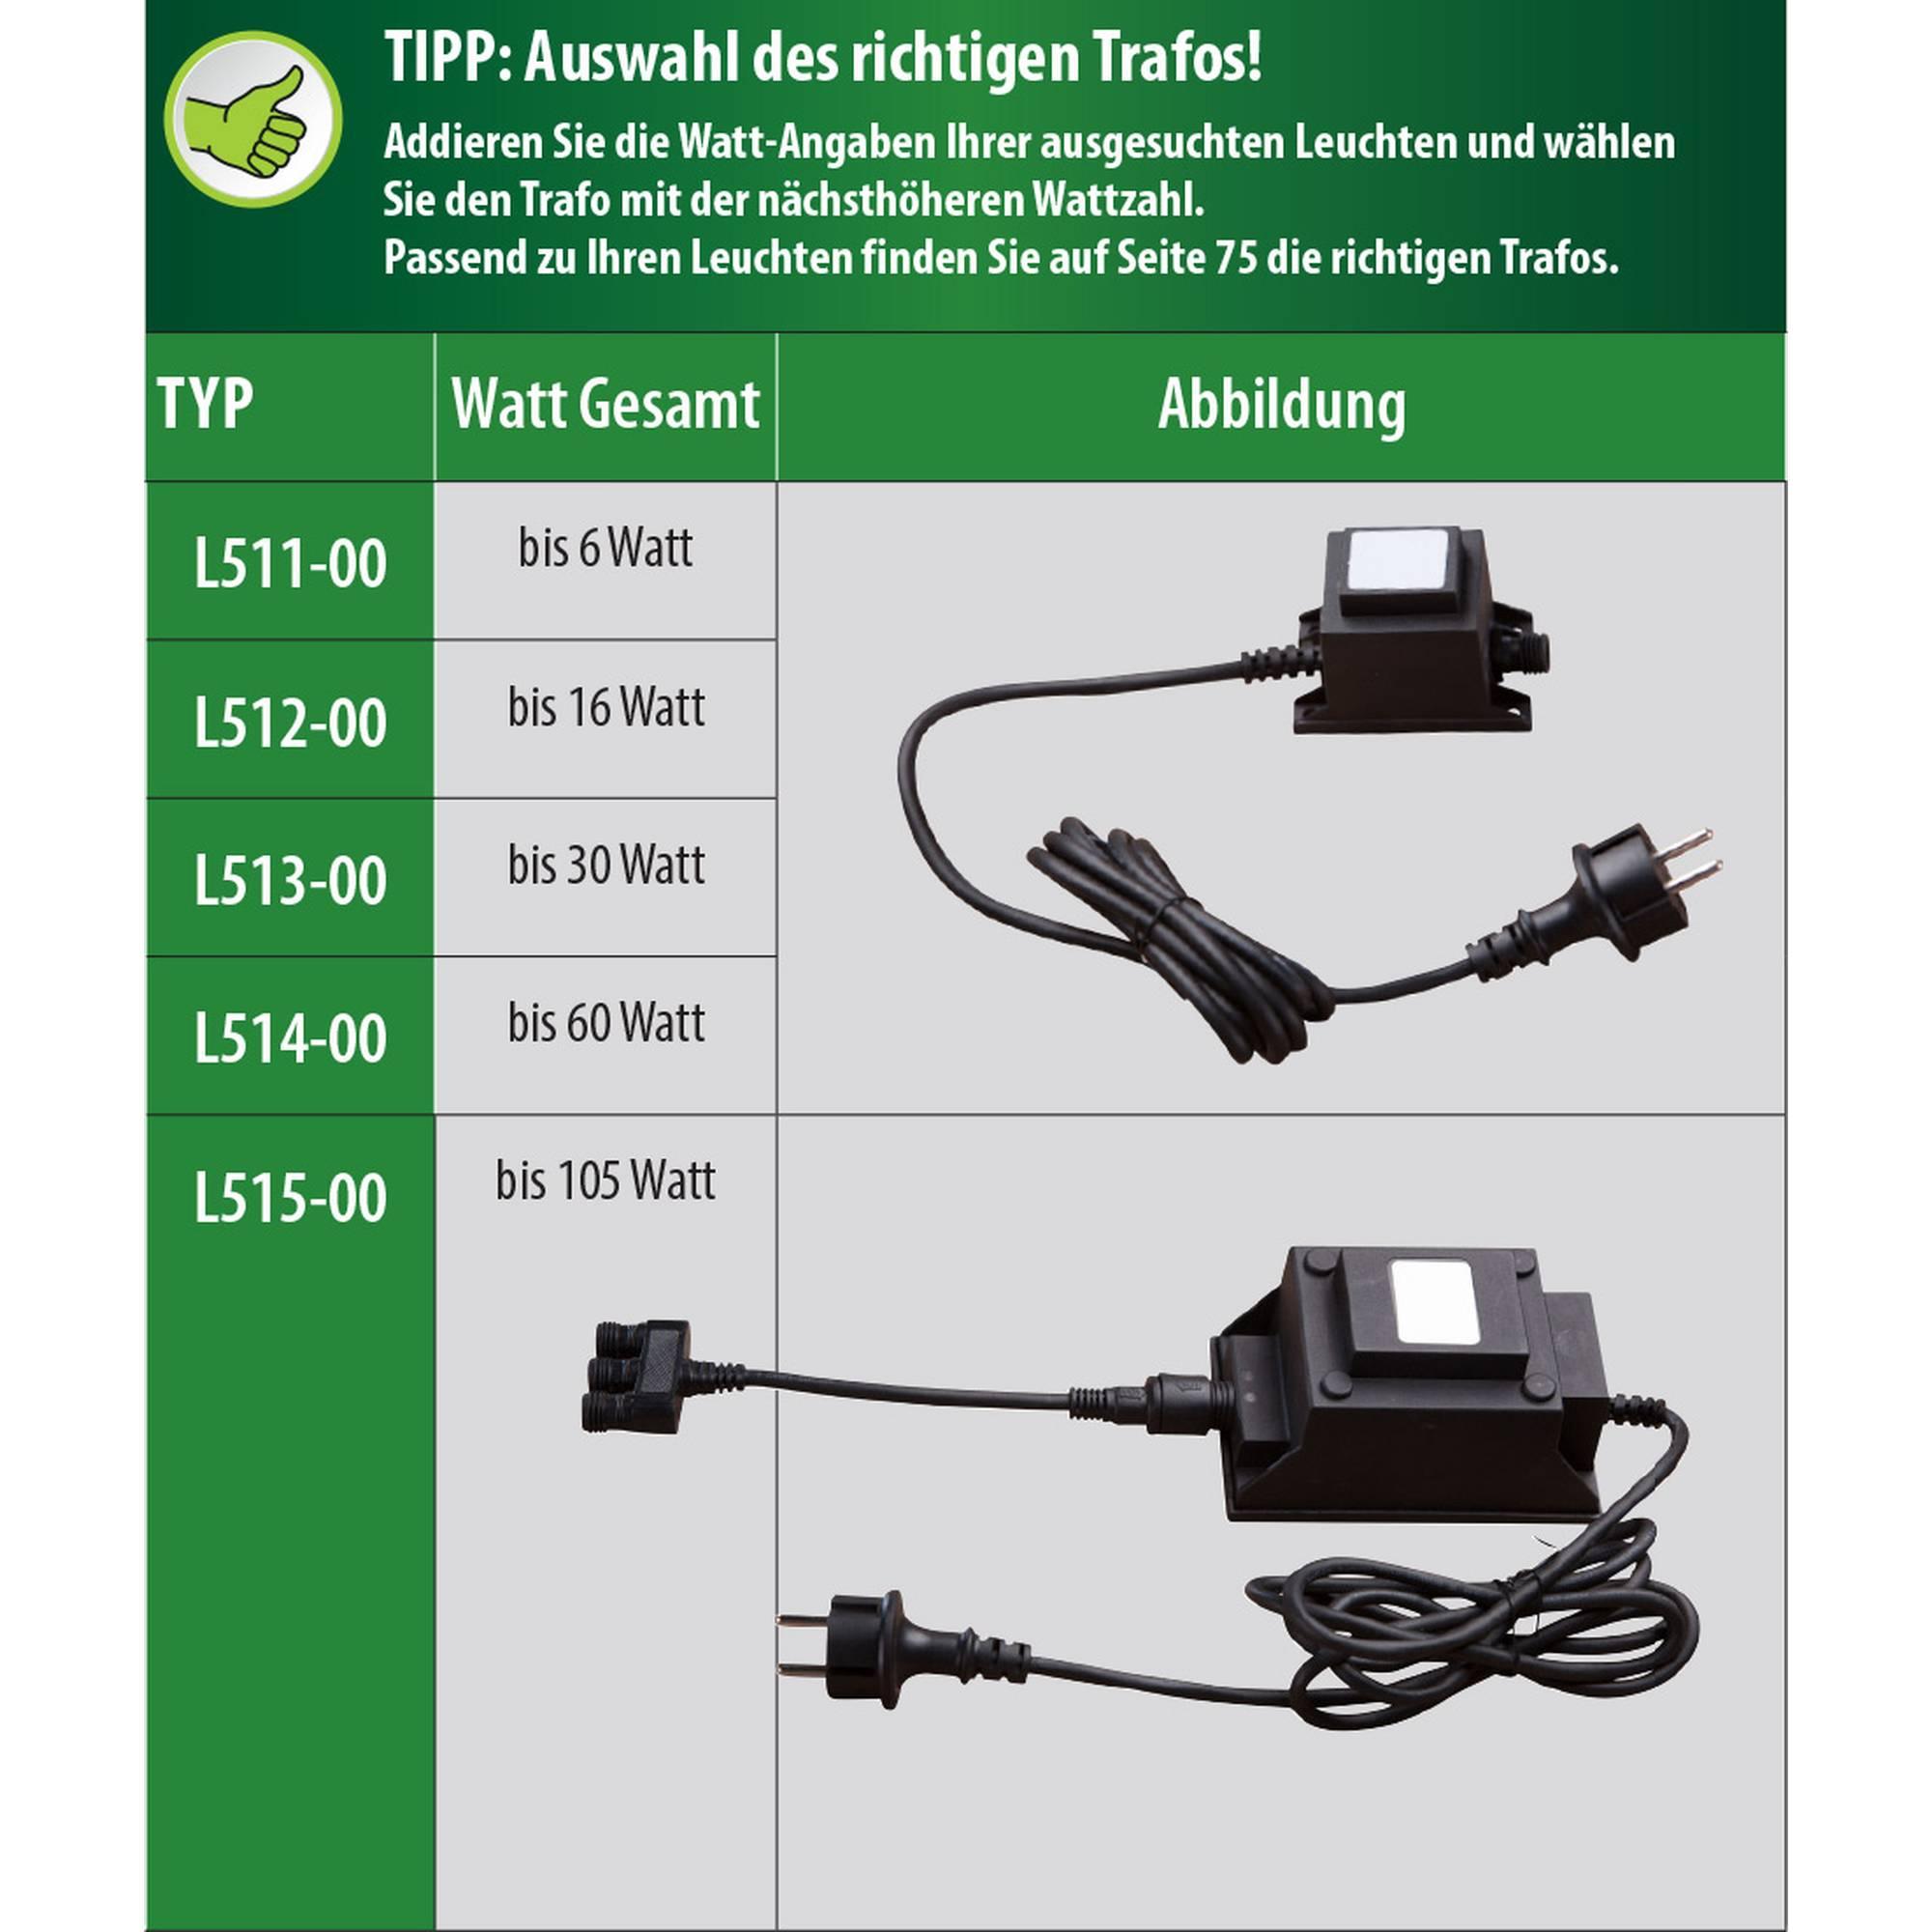 Heissner L414-00 LED Smart Light Spot 4 Watt schwarz